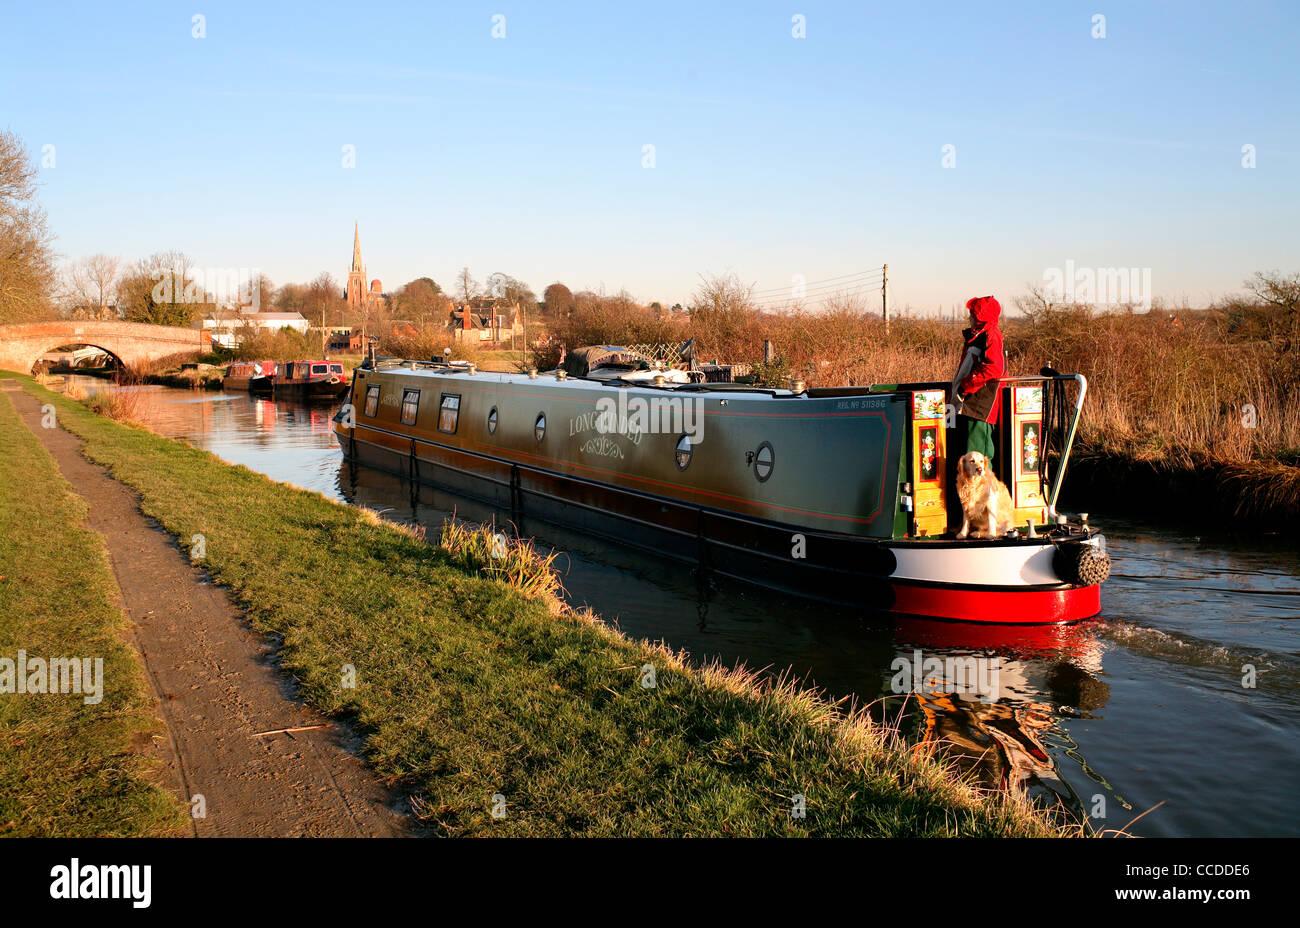 Narrow Boat - Stock Image